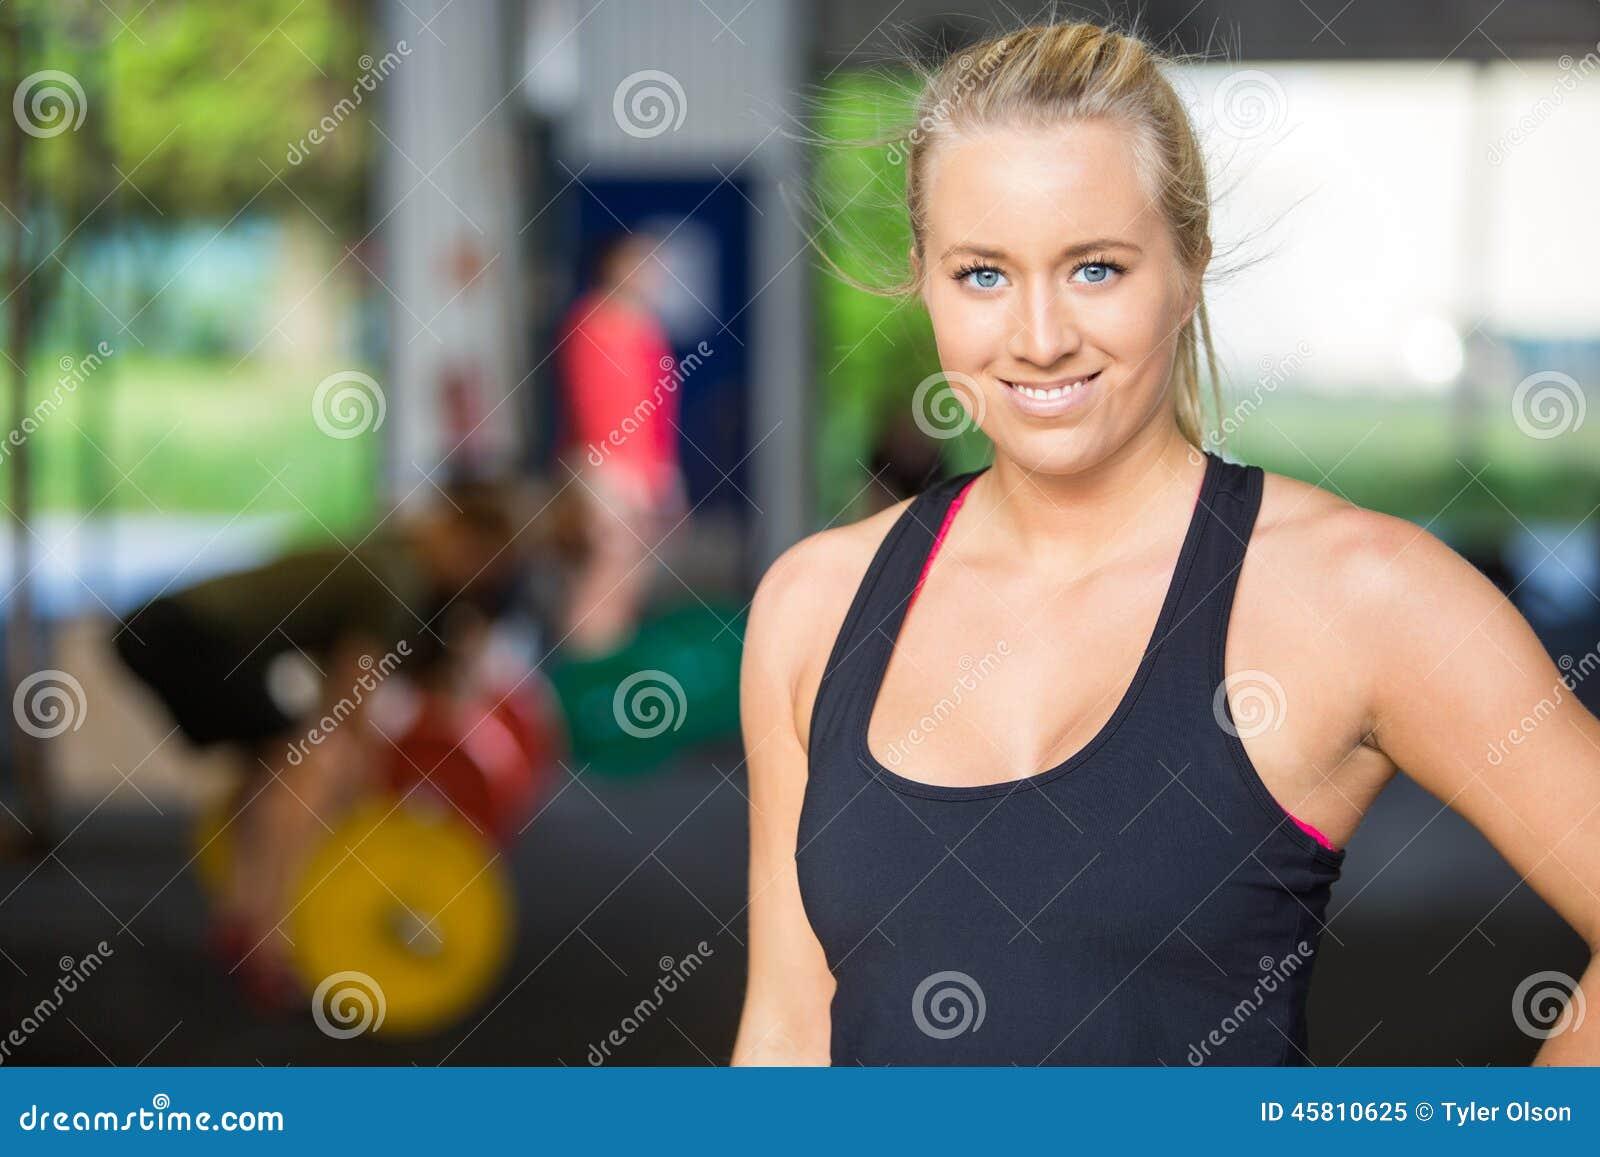 Ritratto della donna sicura di misura aInter-forma fisica